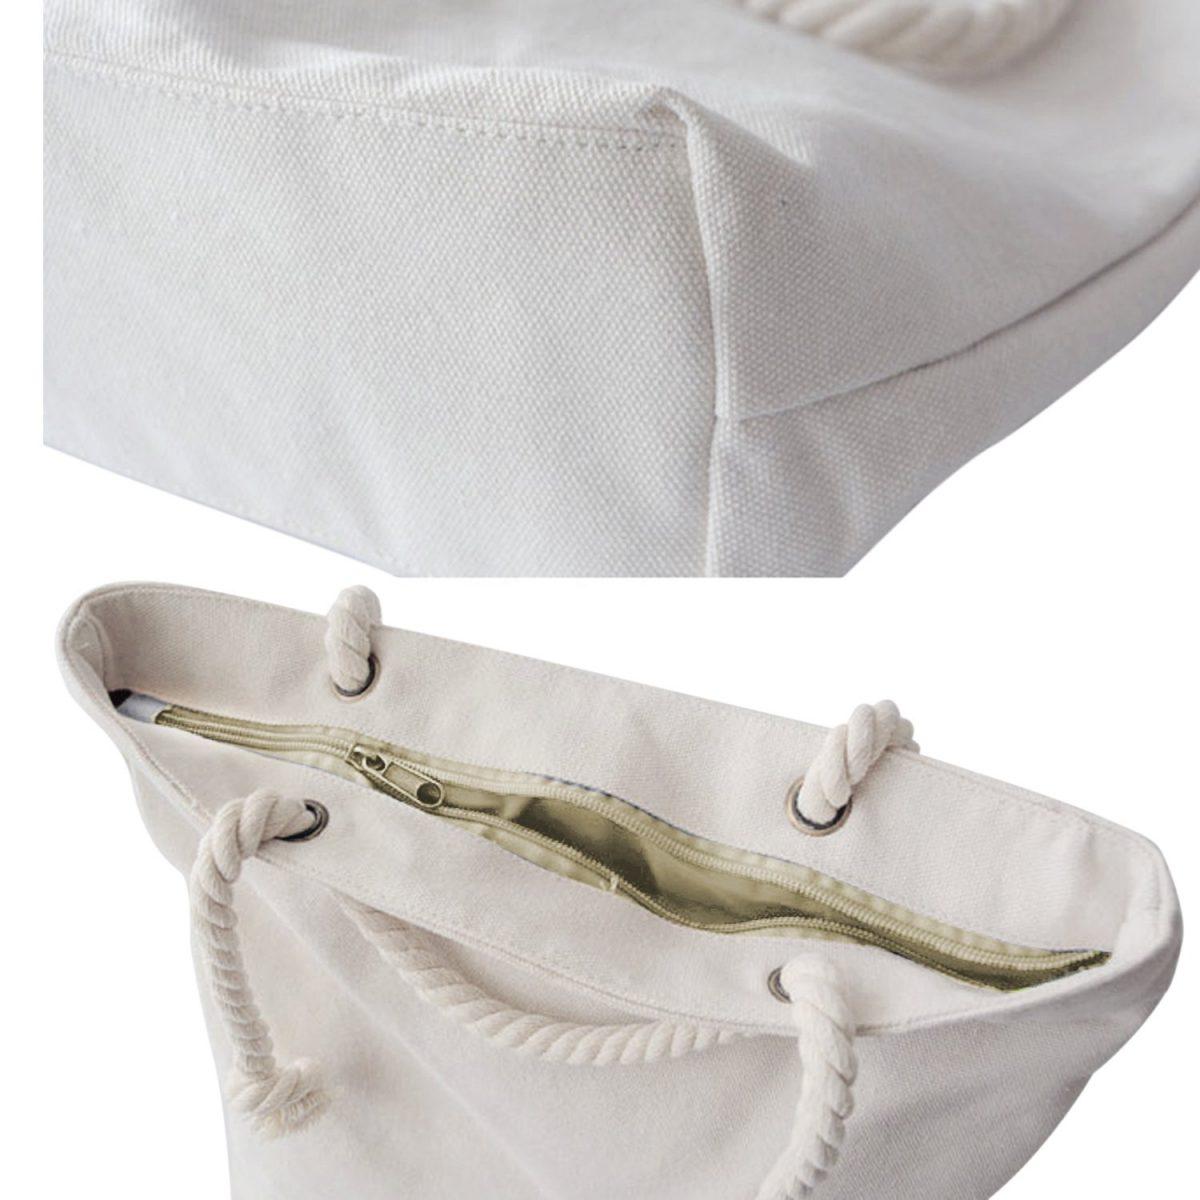 Pembe Tonları Dijital Baskılı Dijital Baskılı Fermuarlı Kumaş Çanta Realhomes